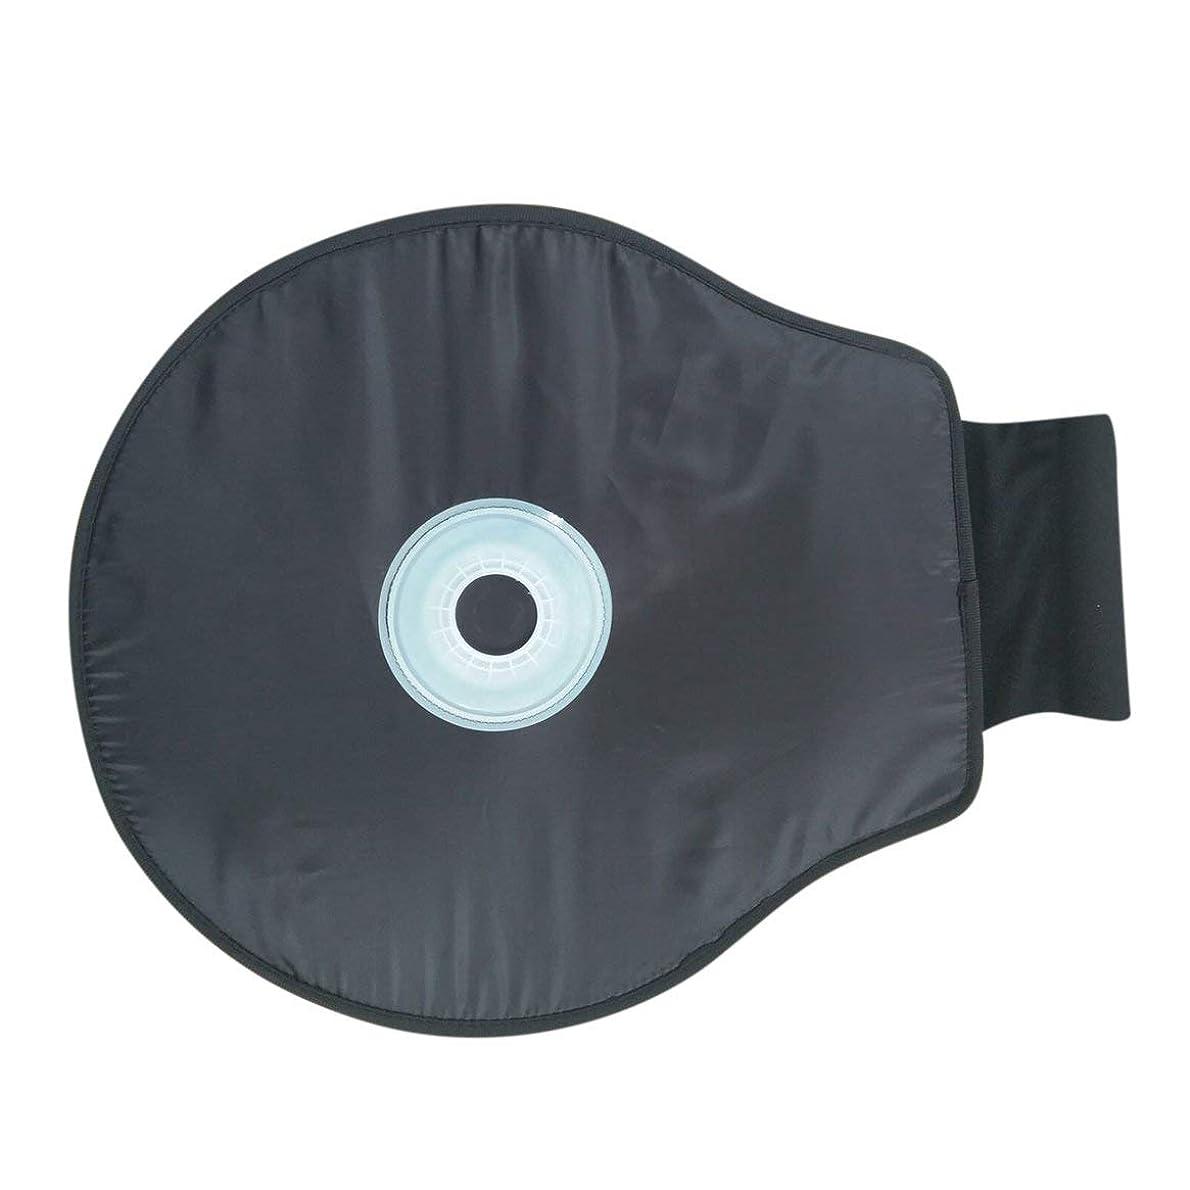 オーバーヘッドきつく復讐360度回転クッションカーマットチェアクッション用高齢妊婦発泡補助カーシートホーム用品(コーヒー色)